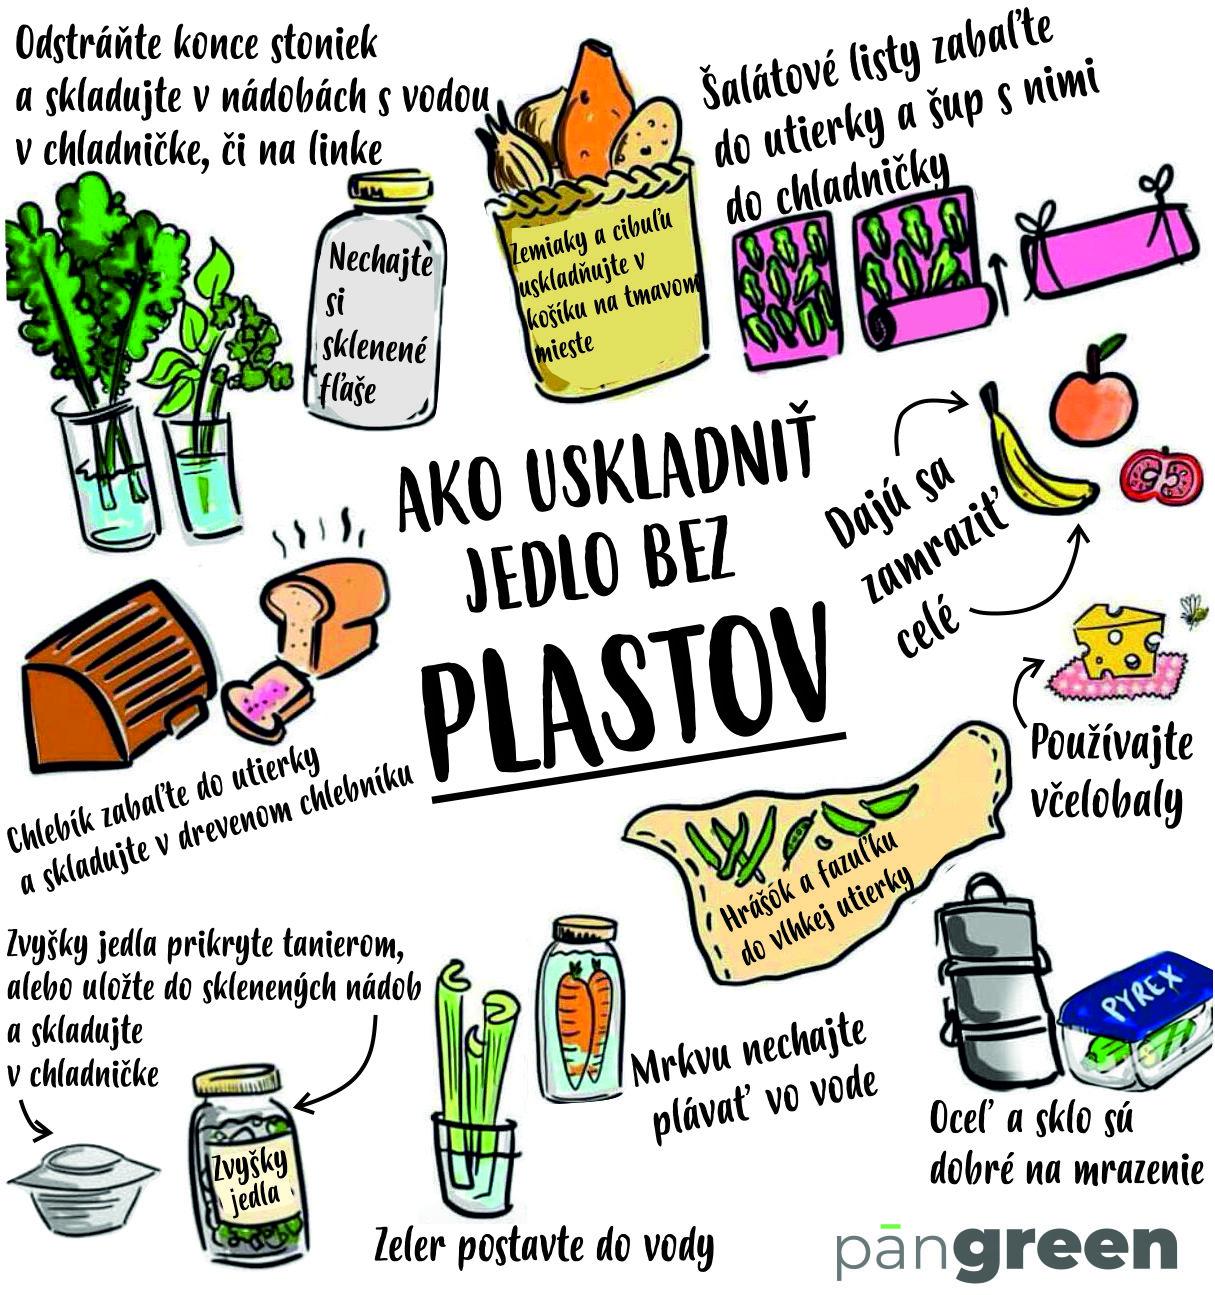 Ako uskladniť jedlo bez plastov